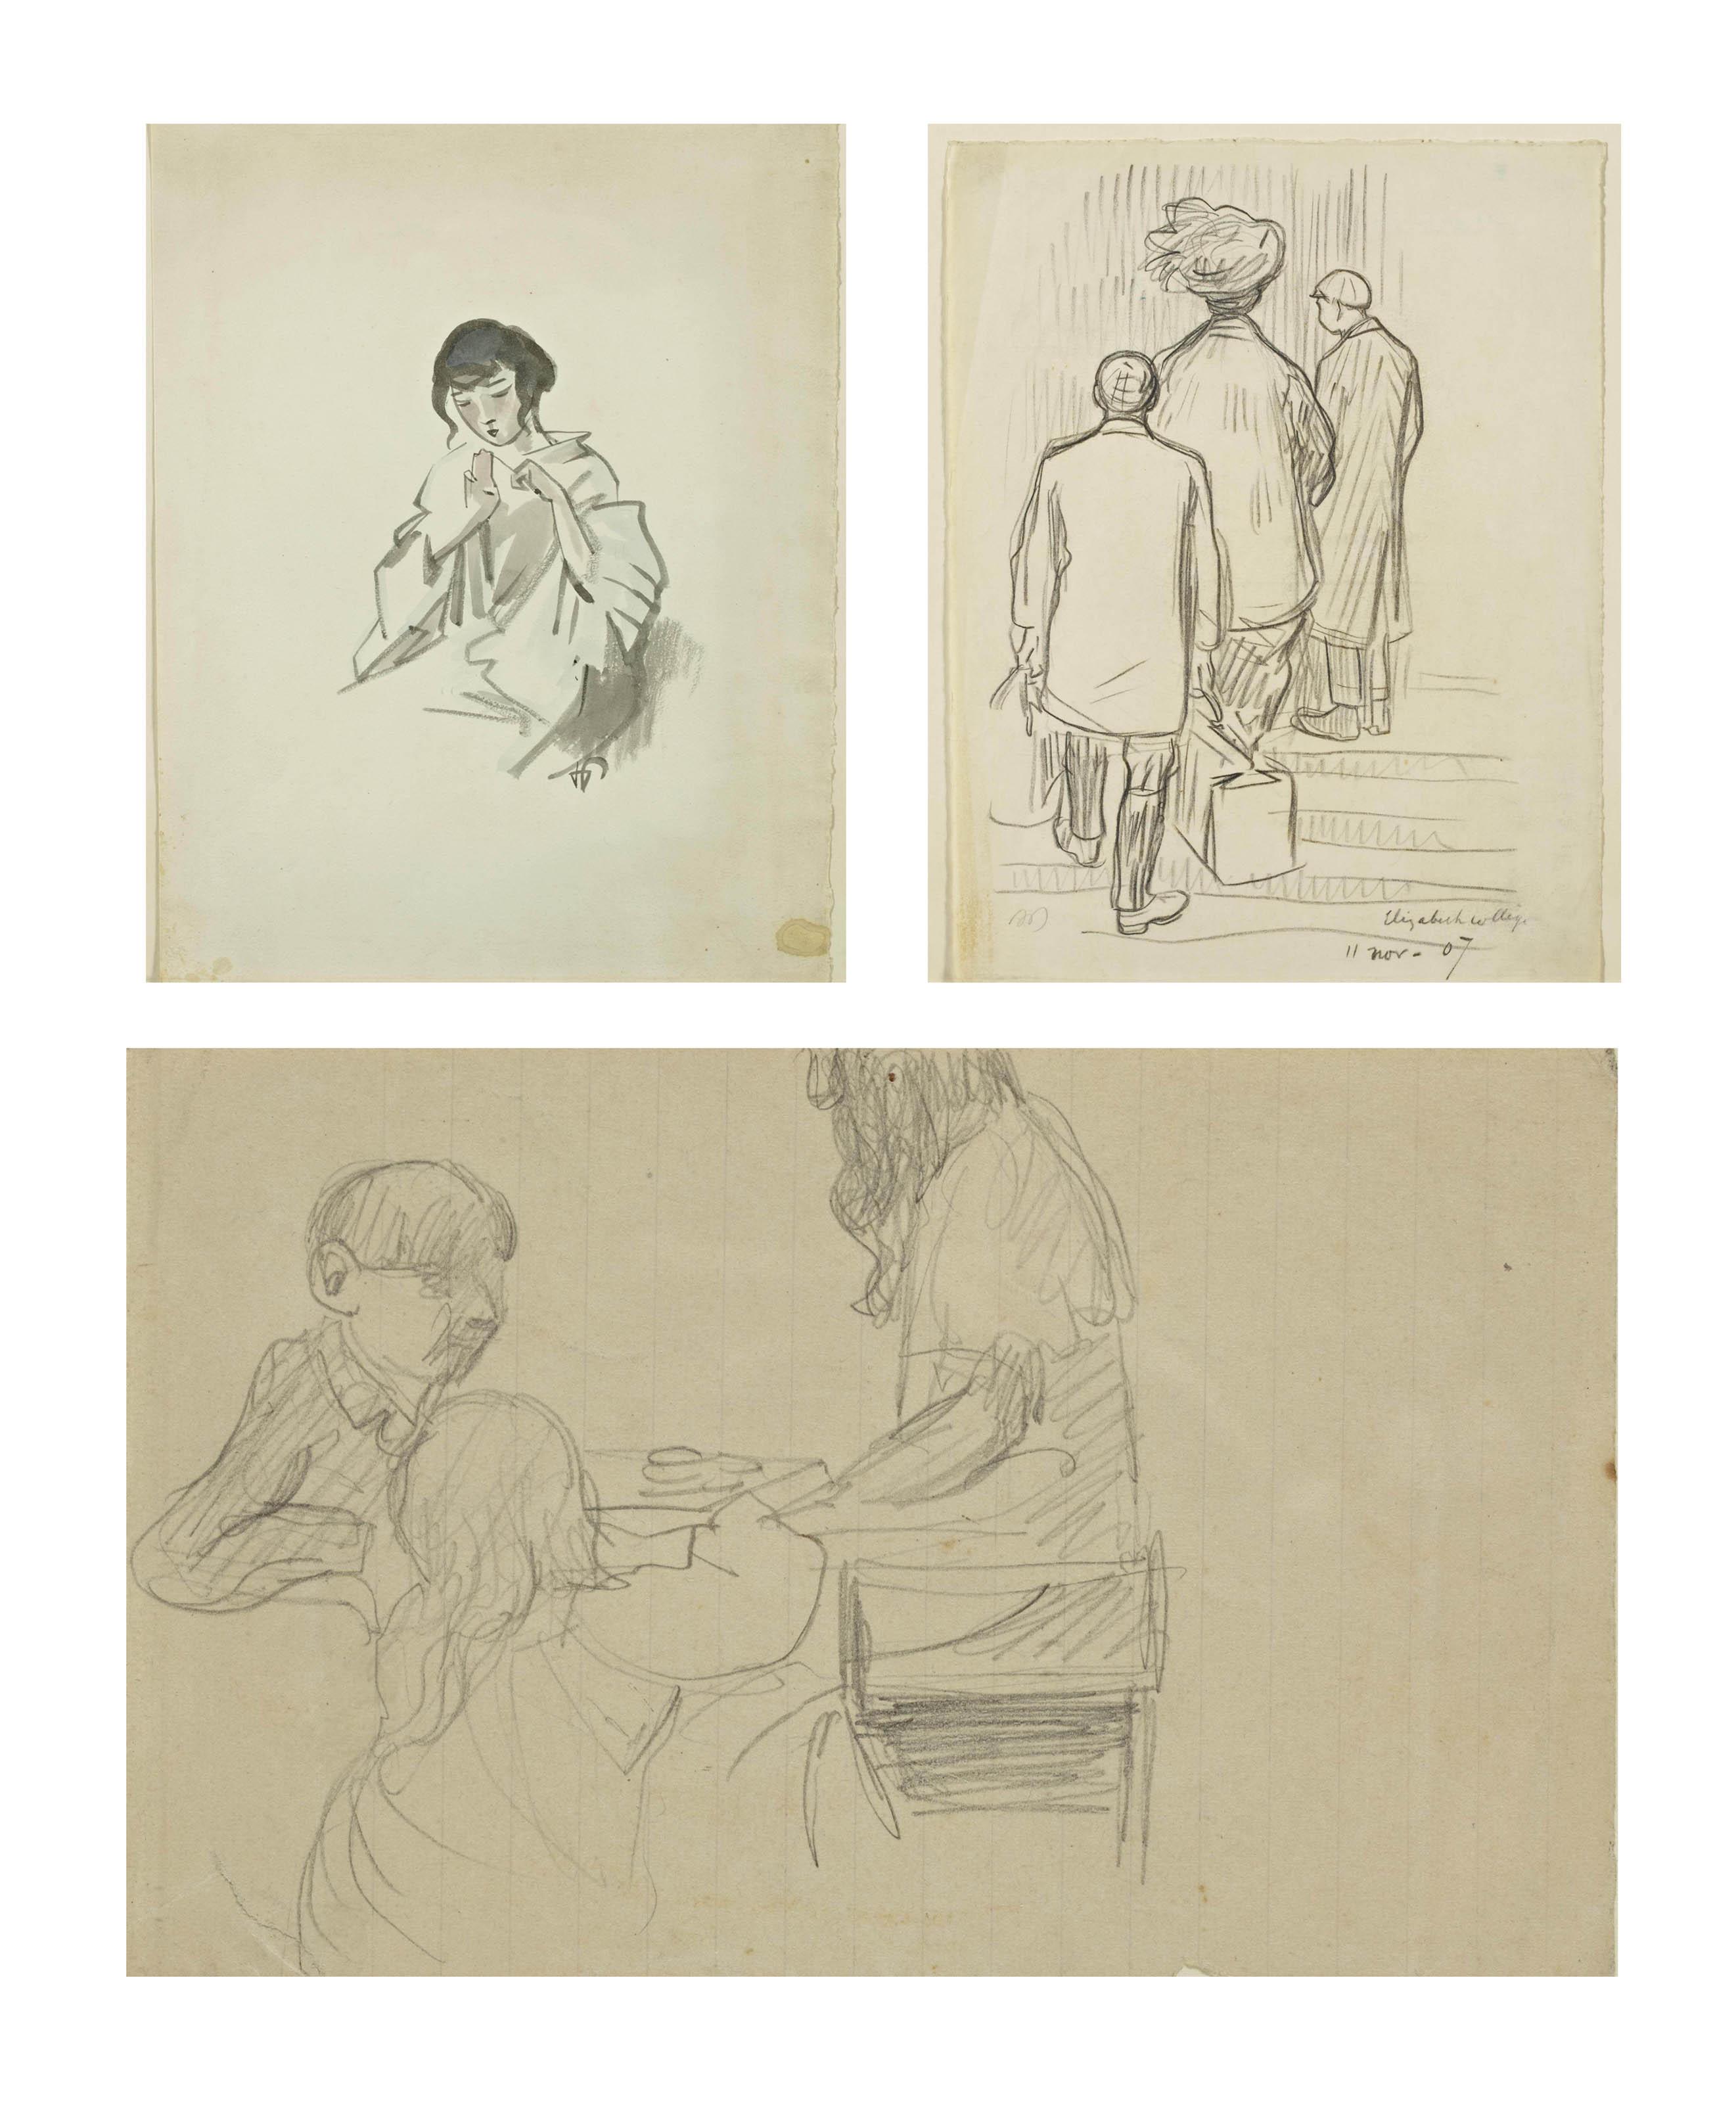 Pauline et son fils Jean et le valet de chambre arrivant à Elisabeth College